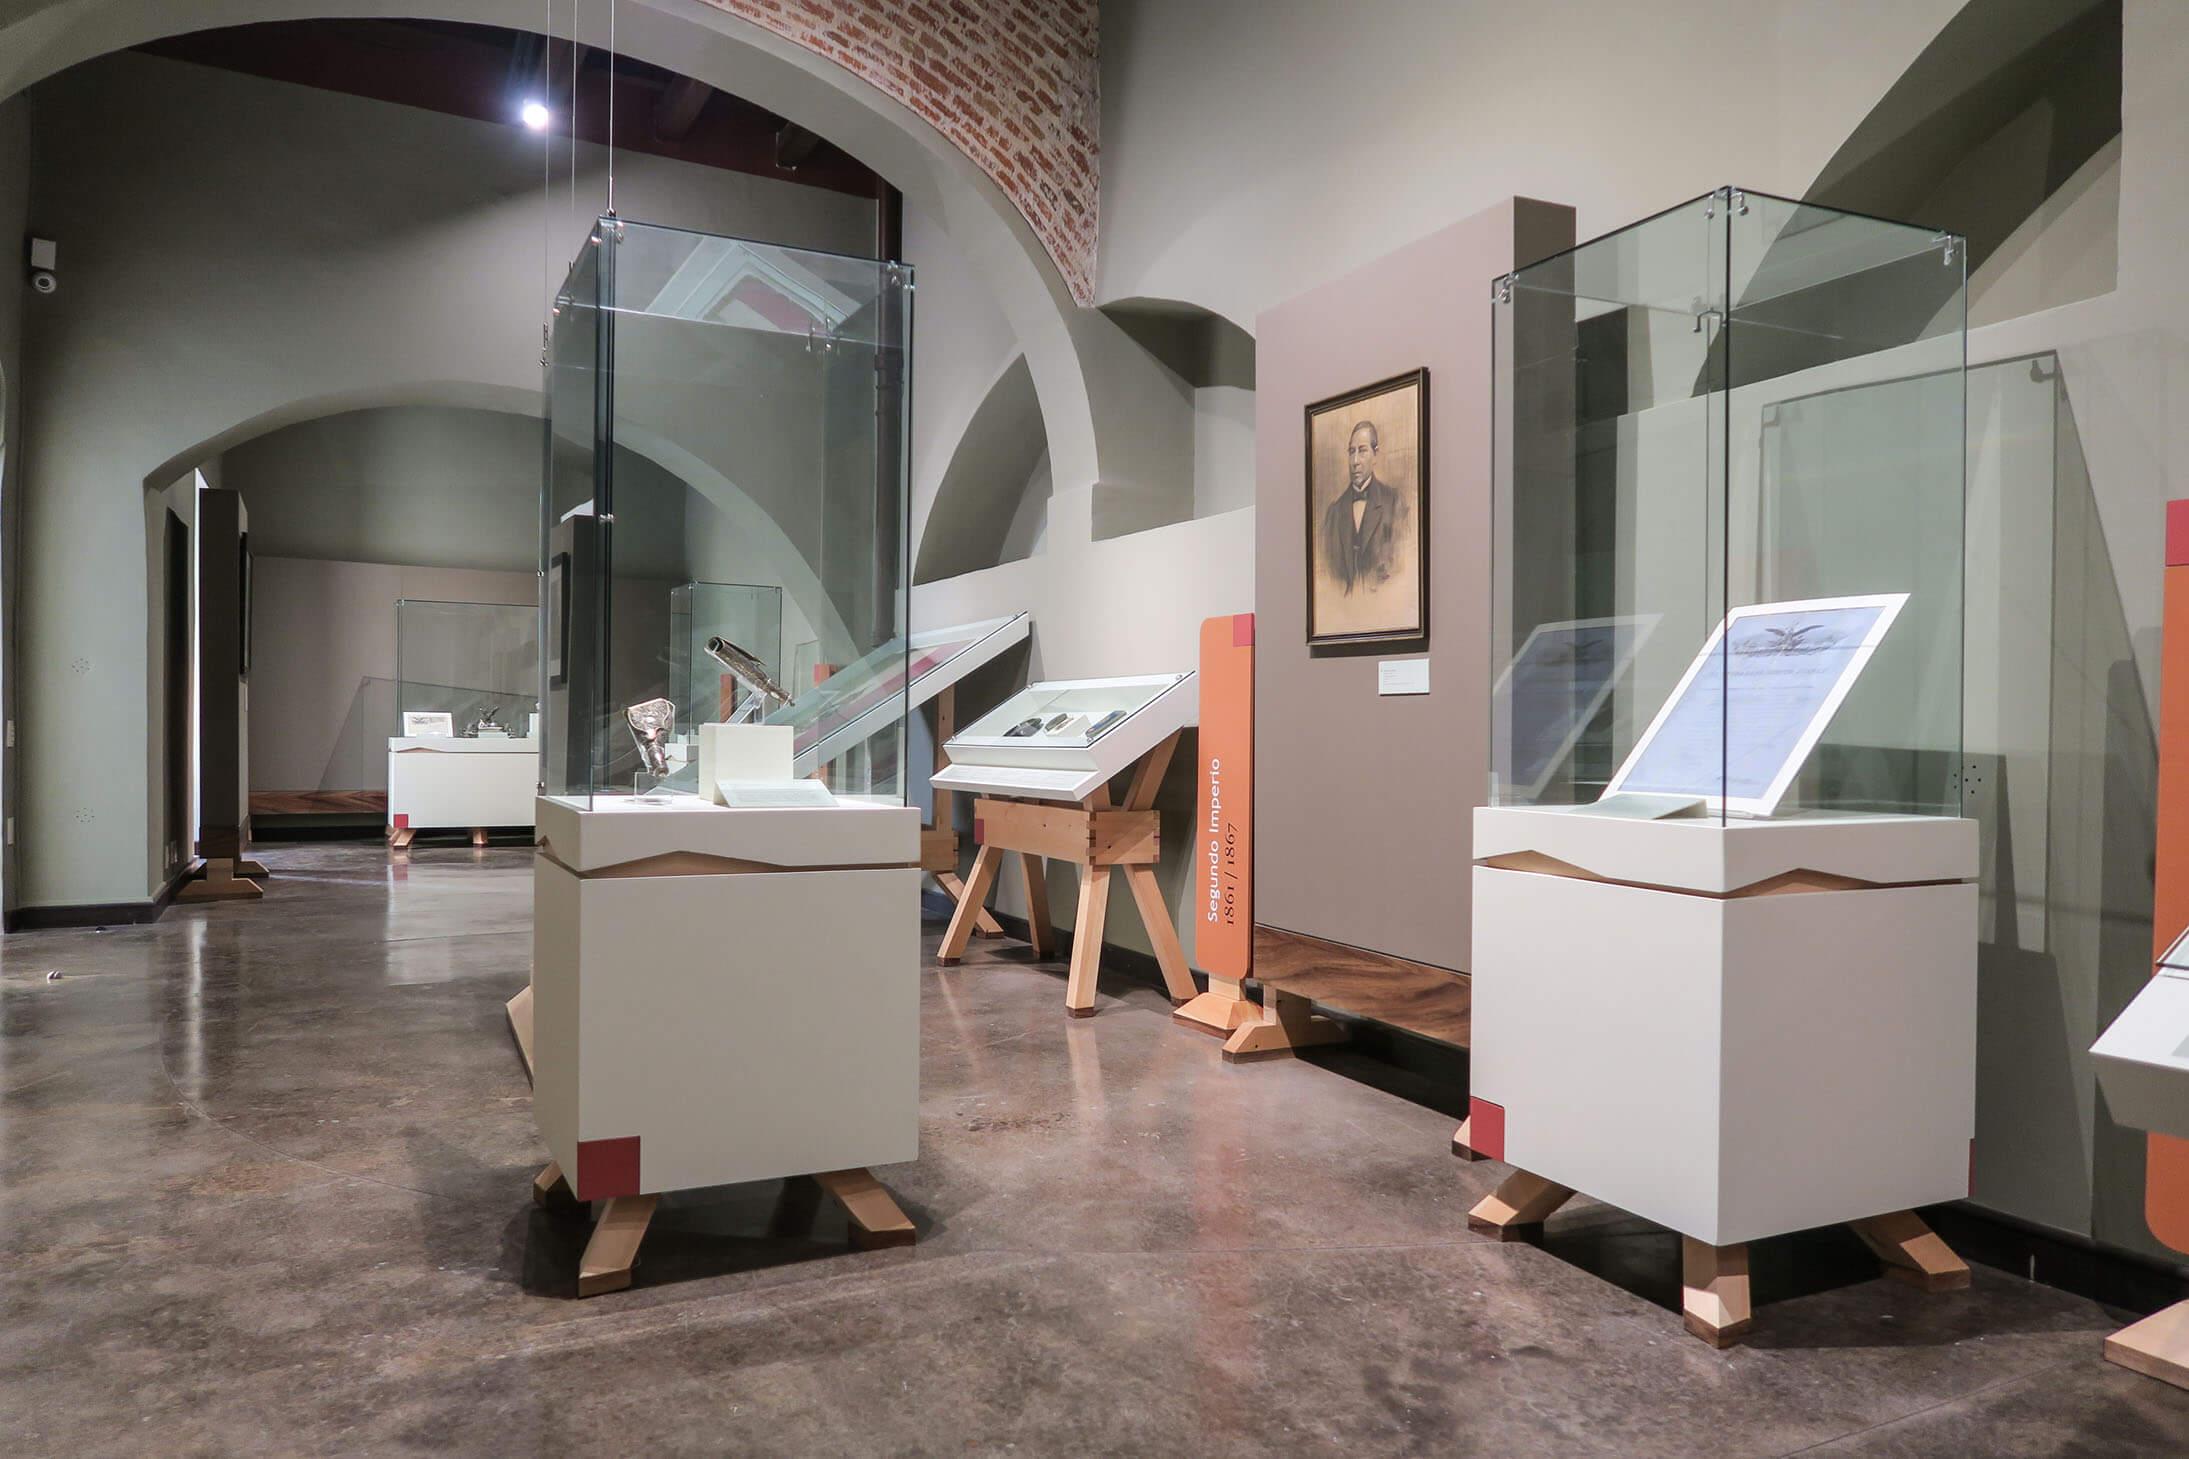 diseño industrial, mobiliario - Museo de Los Conspiradores, Querétaro, diseño, fabricación y montaje mobiliario museográfico, diona